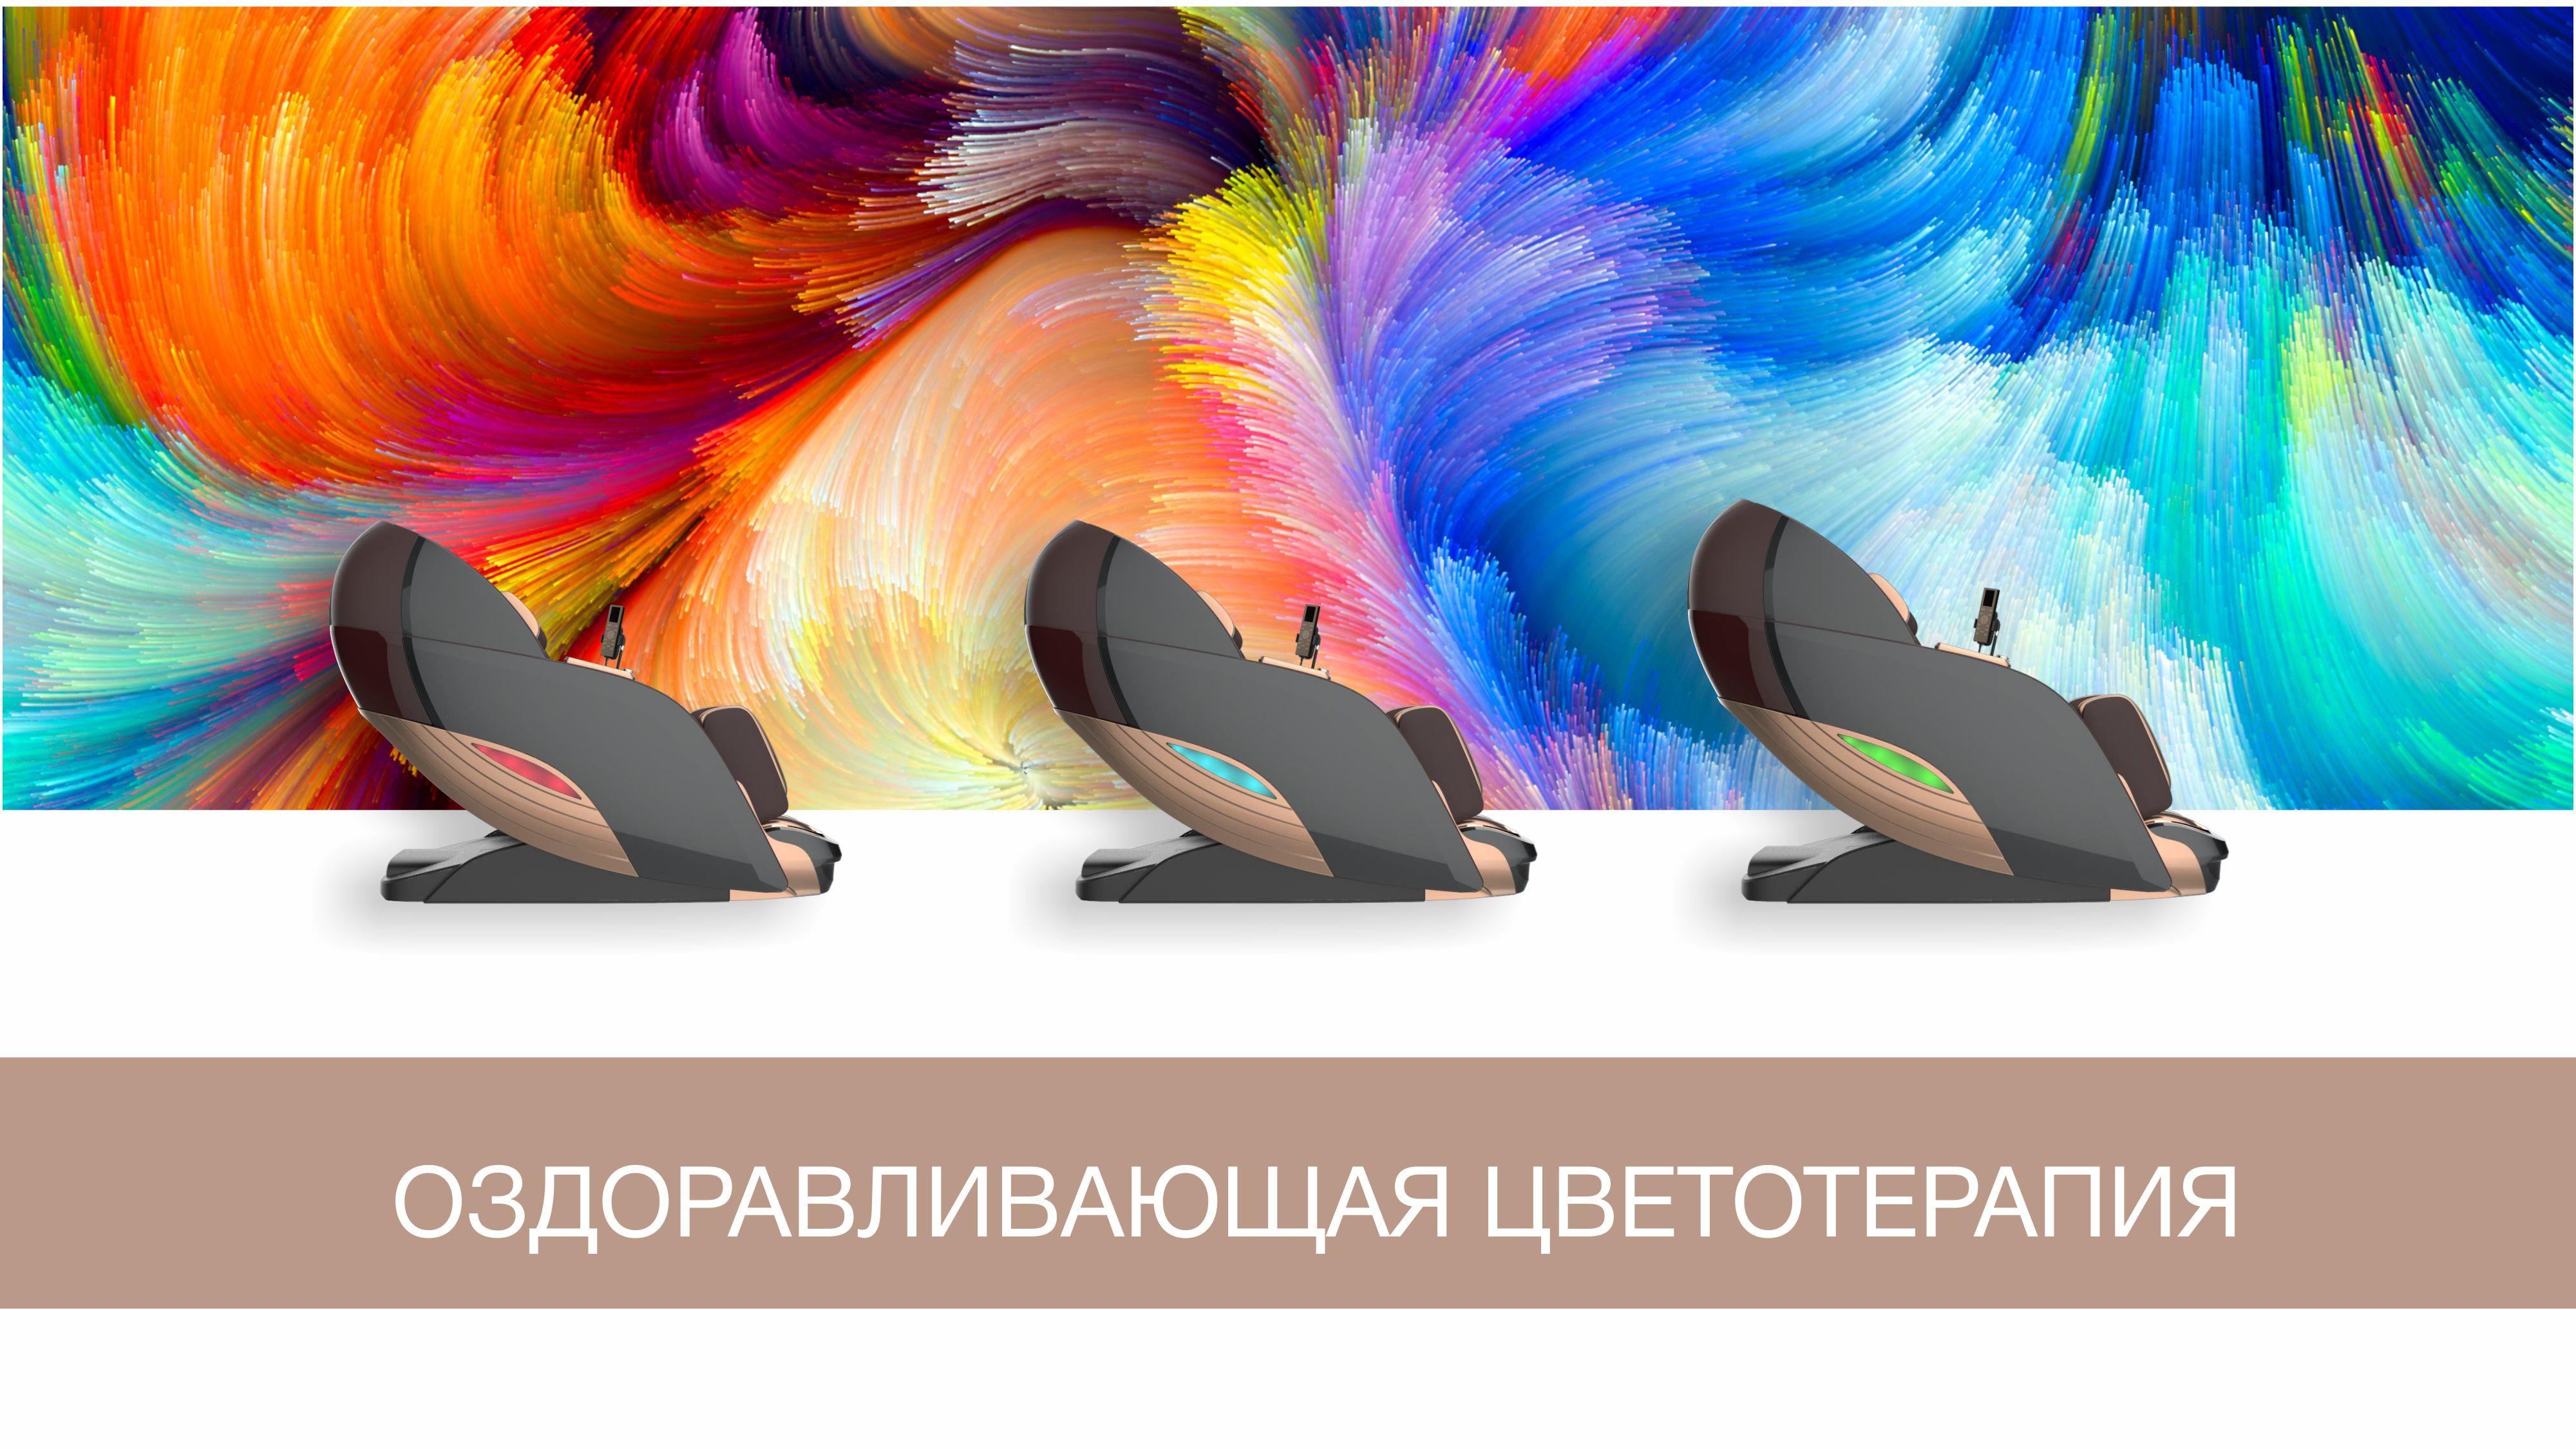 Динамическая цветотерапия - Массажное кресло Bodo Palladium Bordeaux